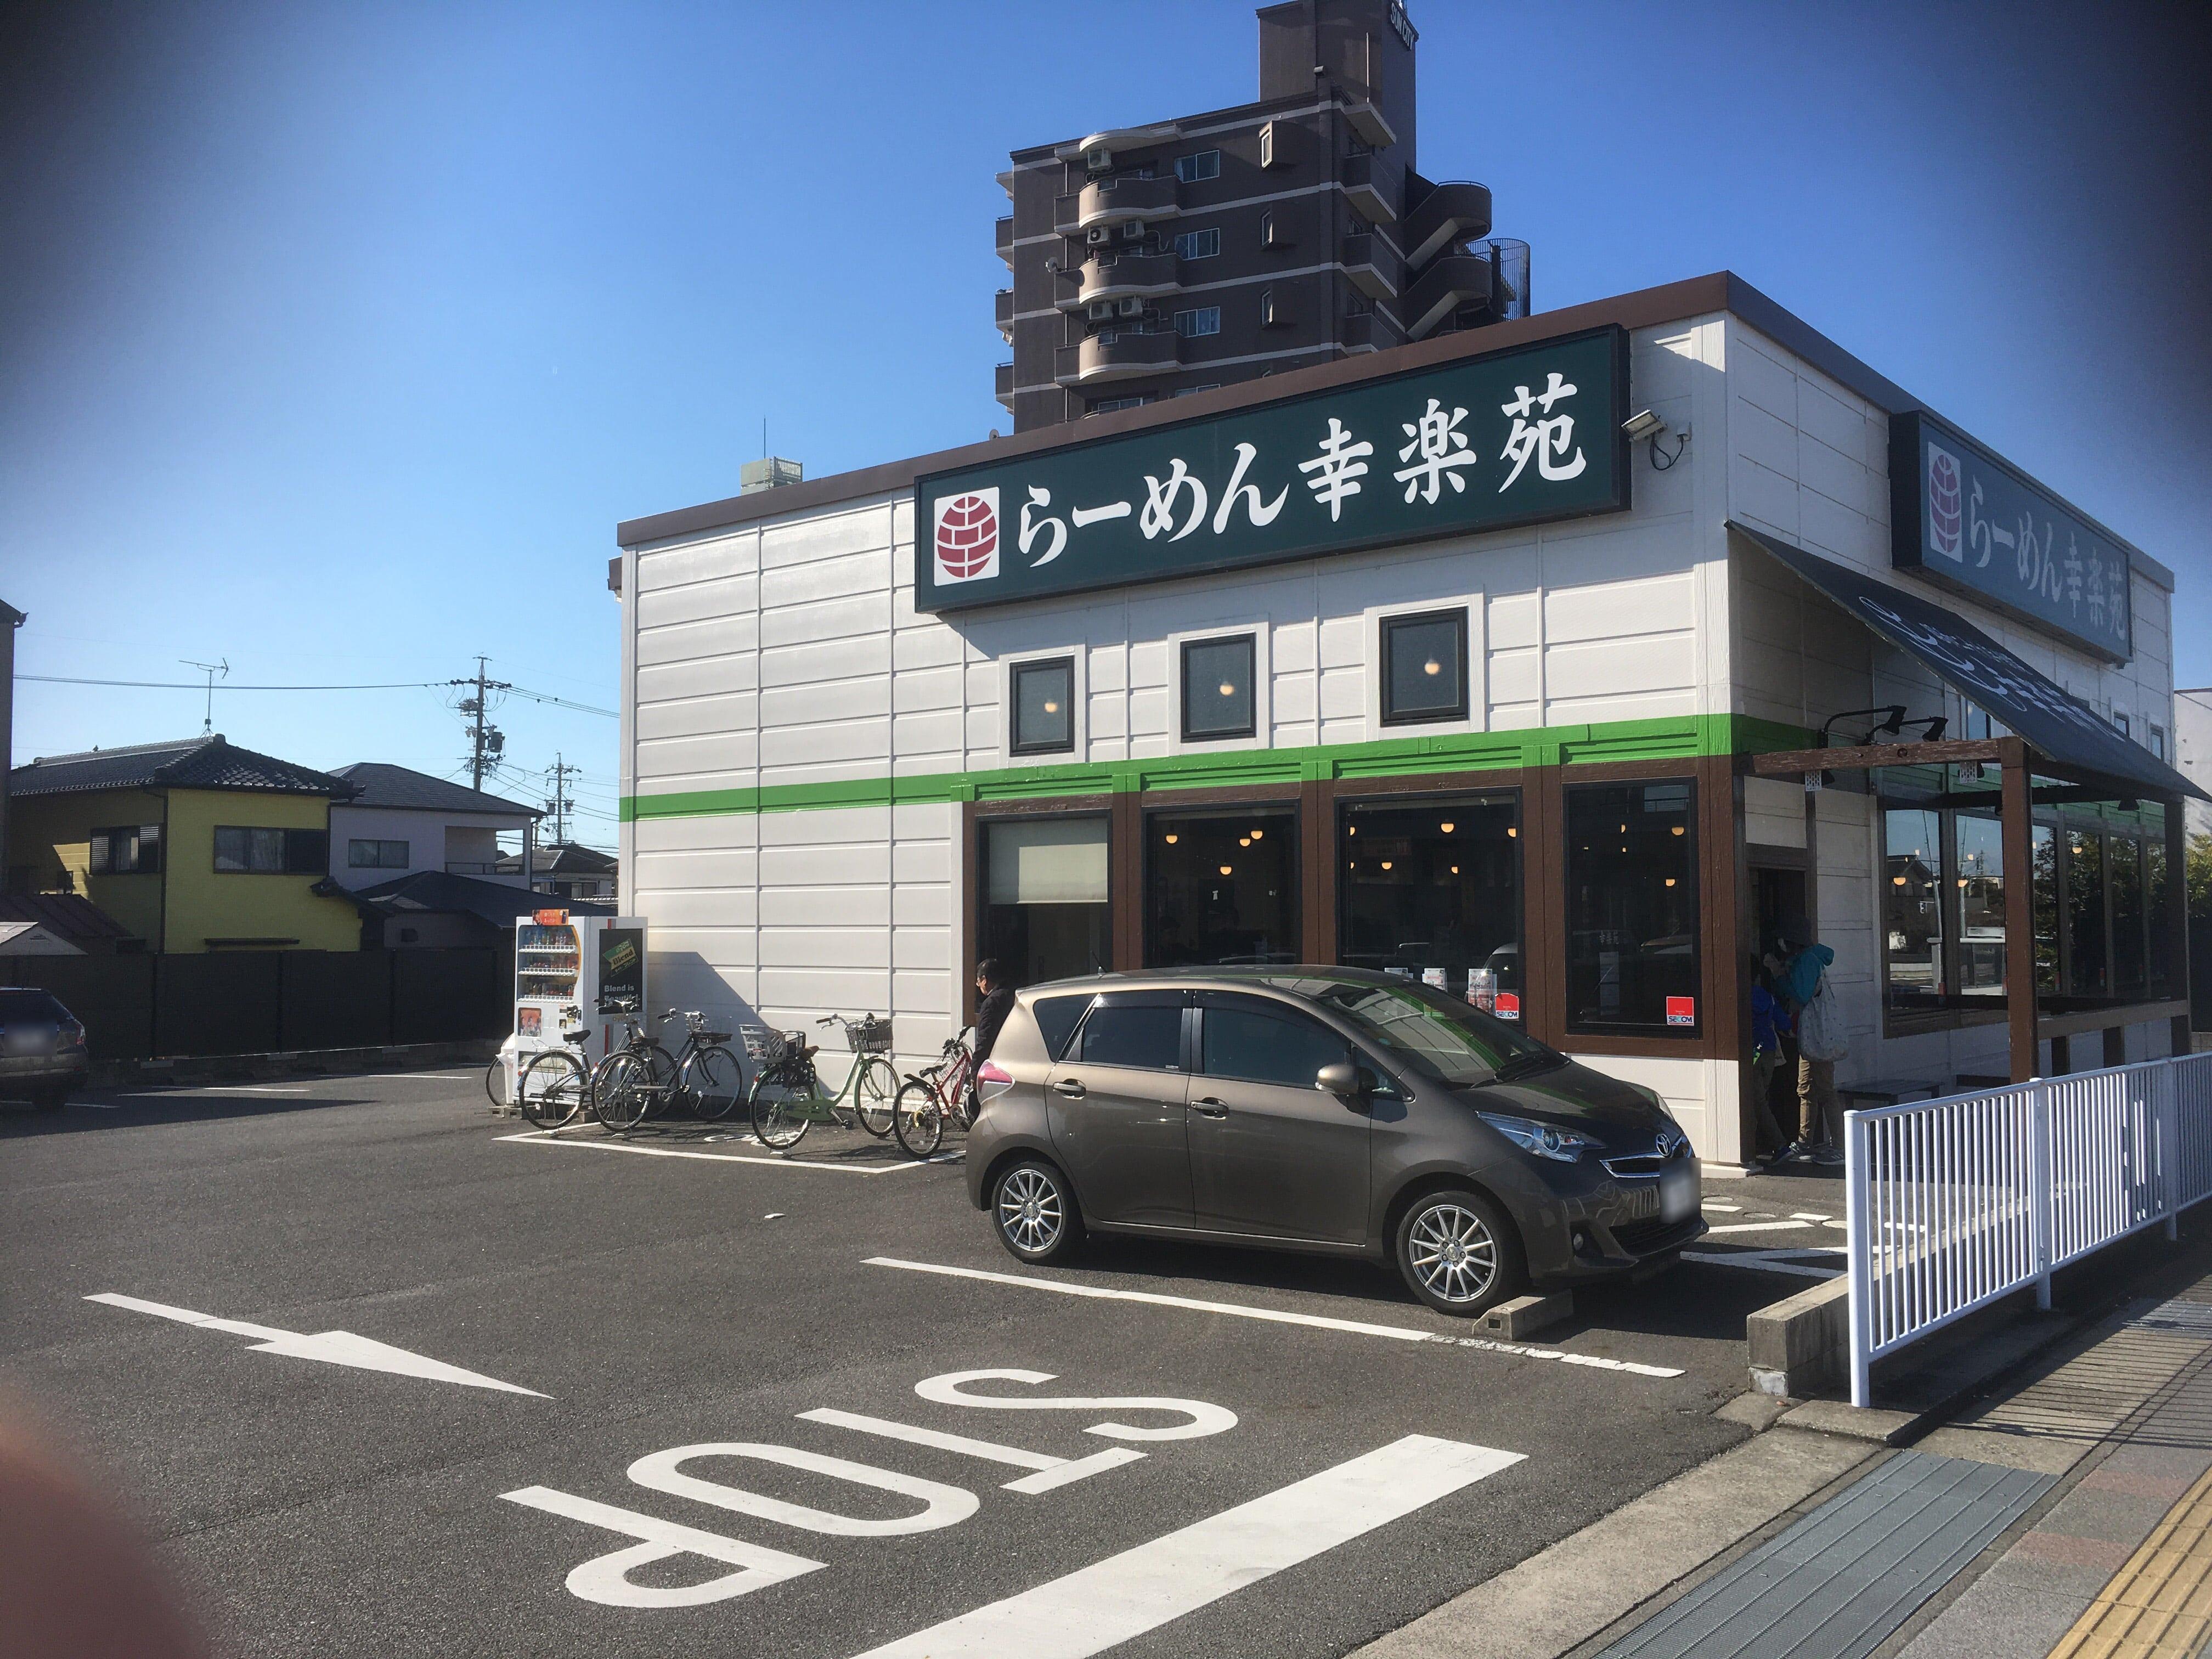 いきなり ステーキ 閉店 愛知 県